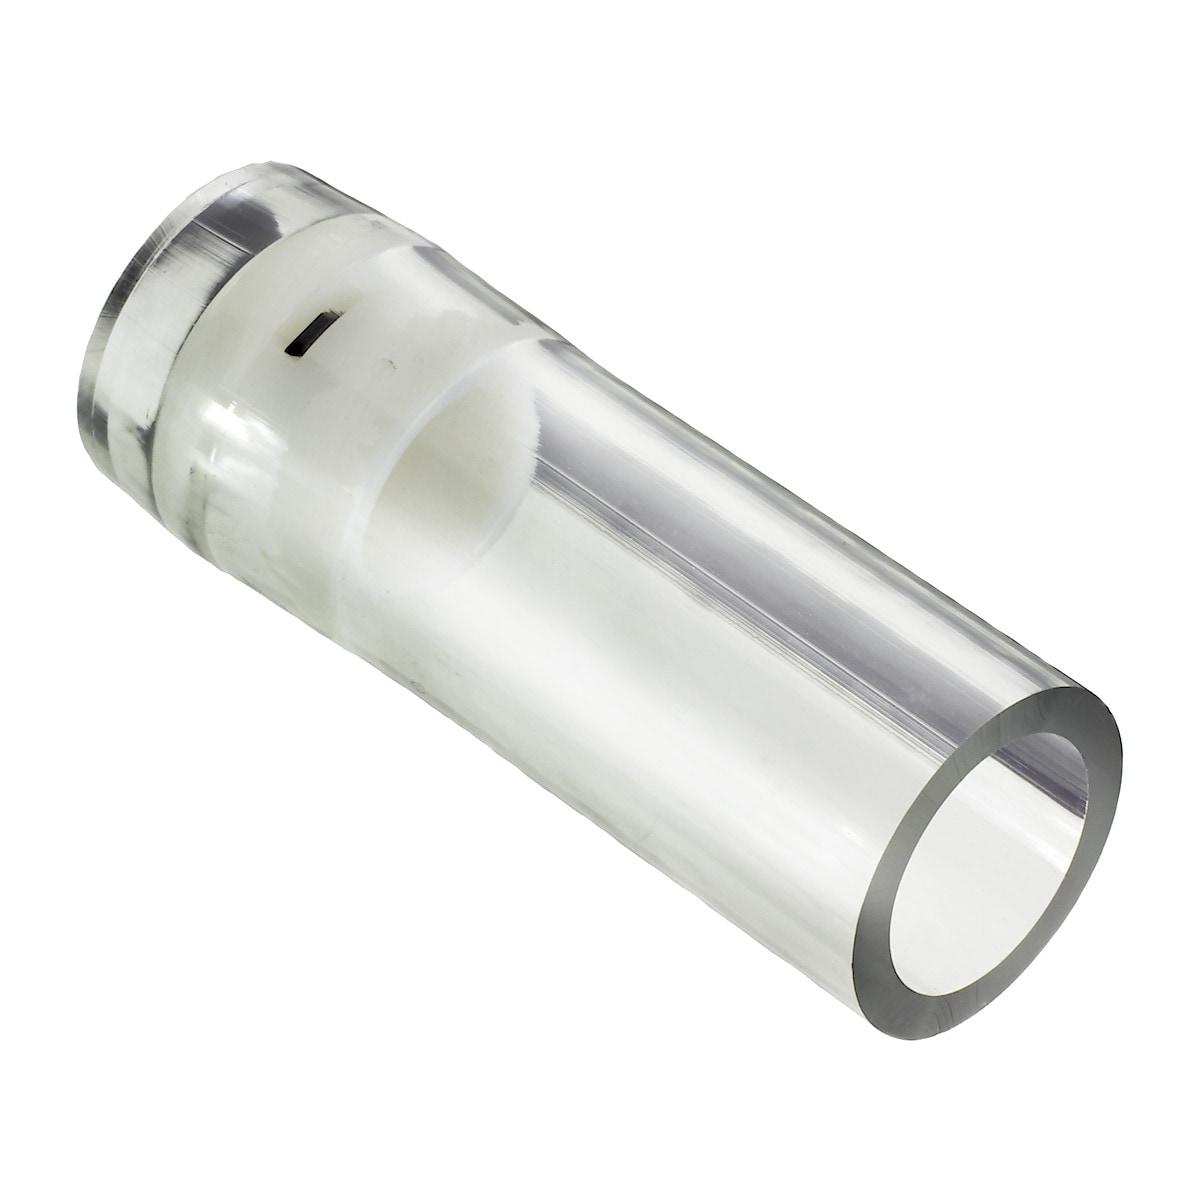 Clack valve